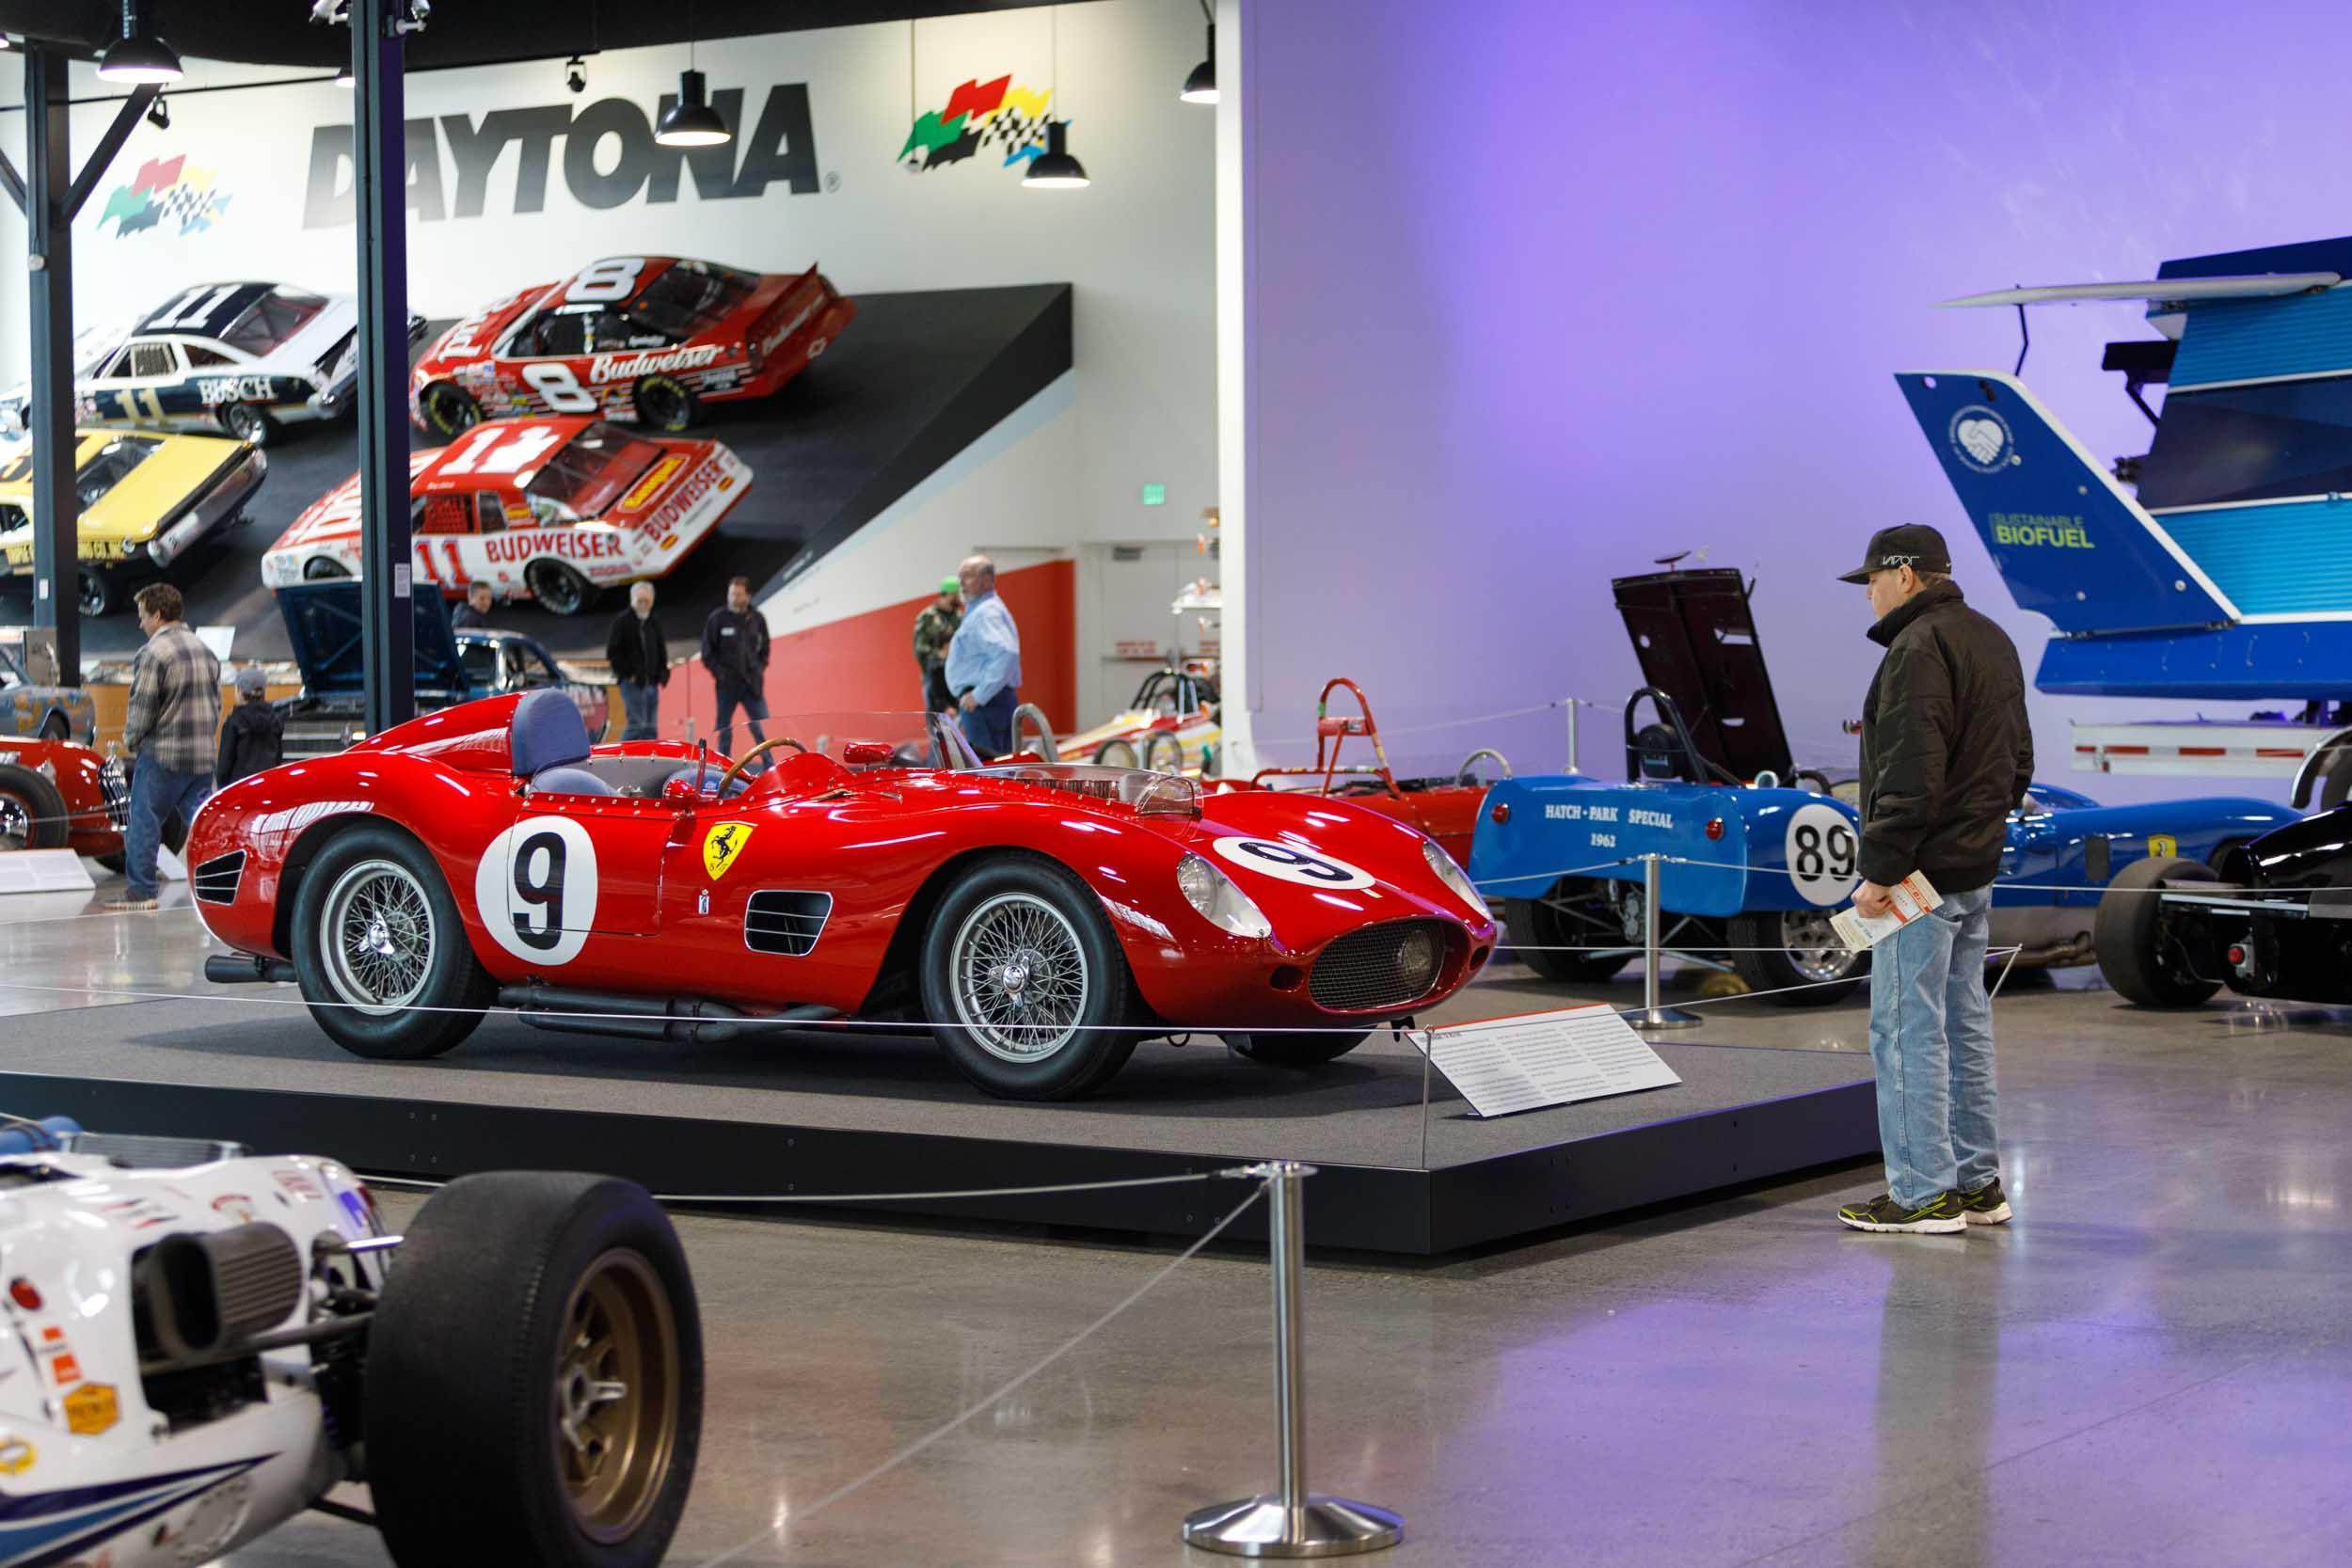 1969 Ferrari TR 250